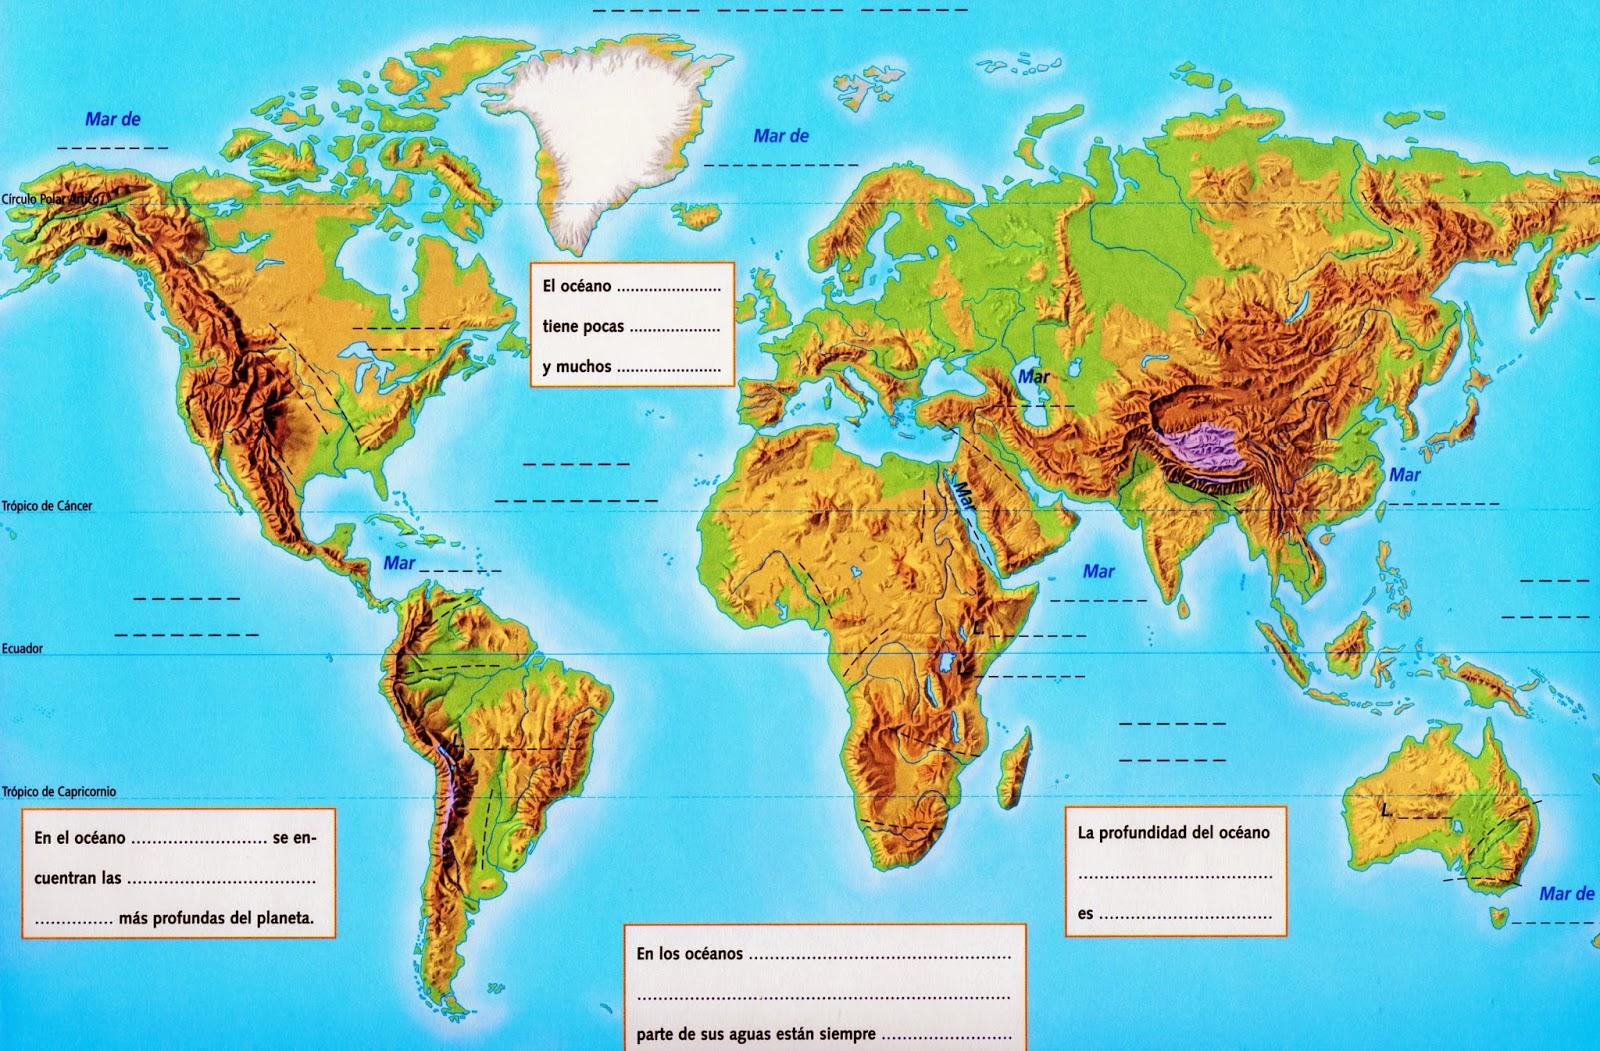 mapa mares blog de Pedro Pulido: Mapas Océanos, Mares y Ríos mapa mares